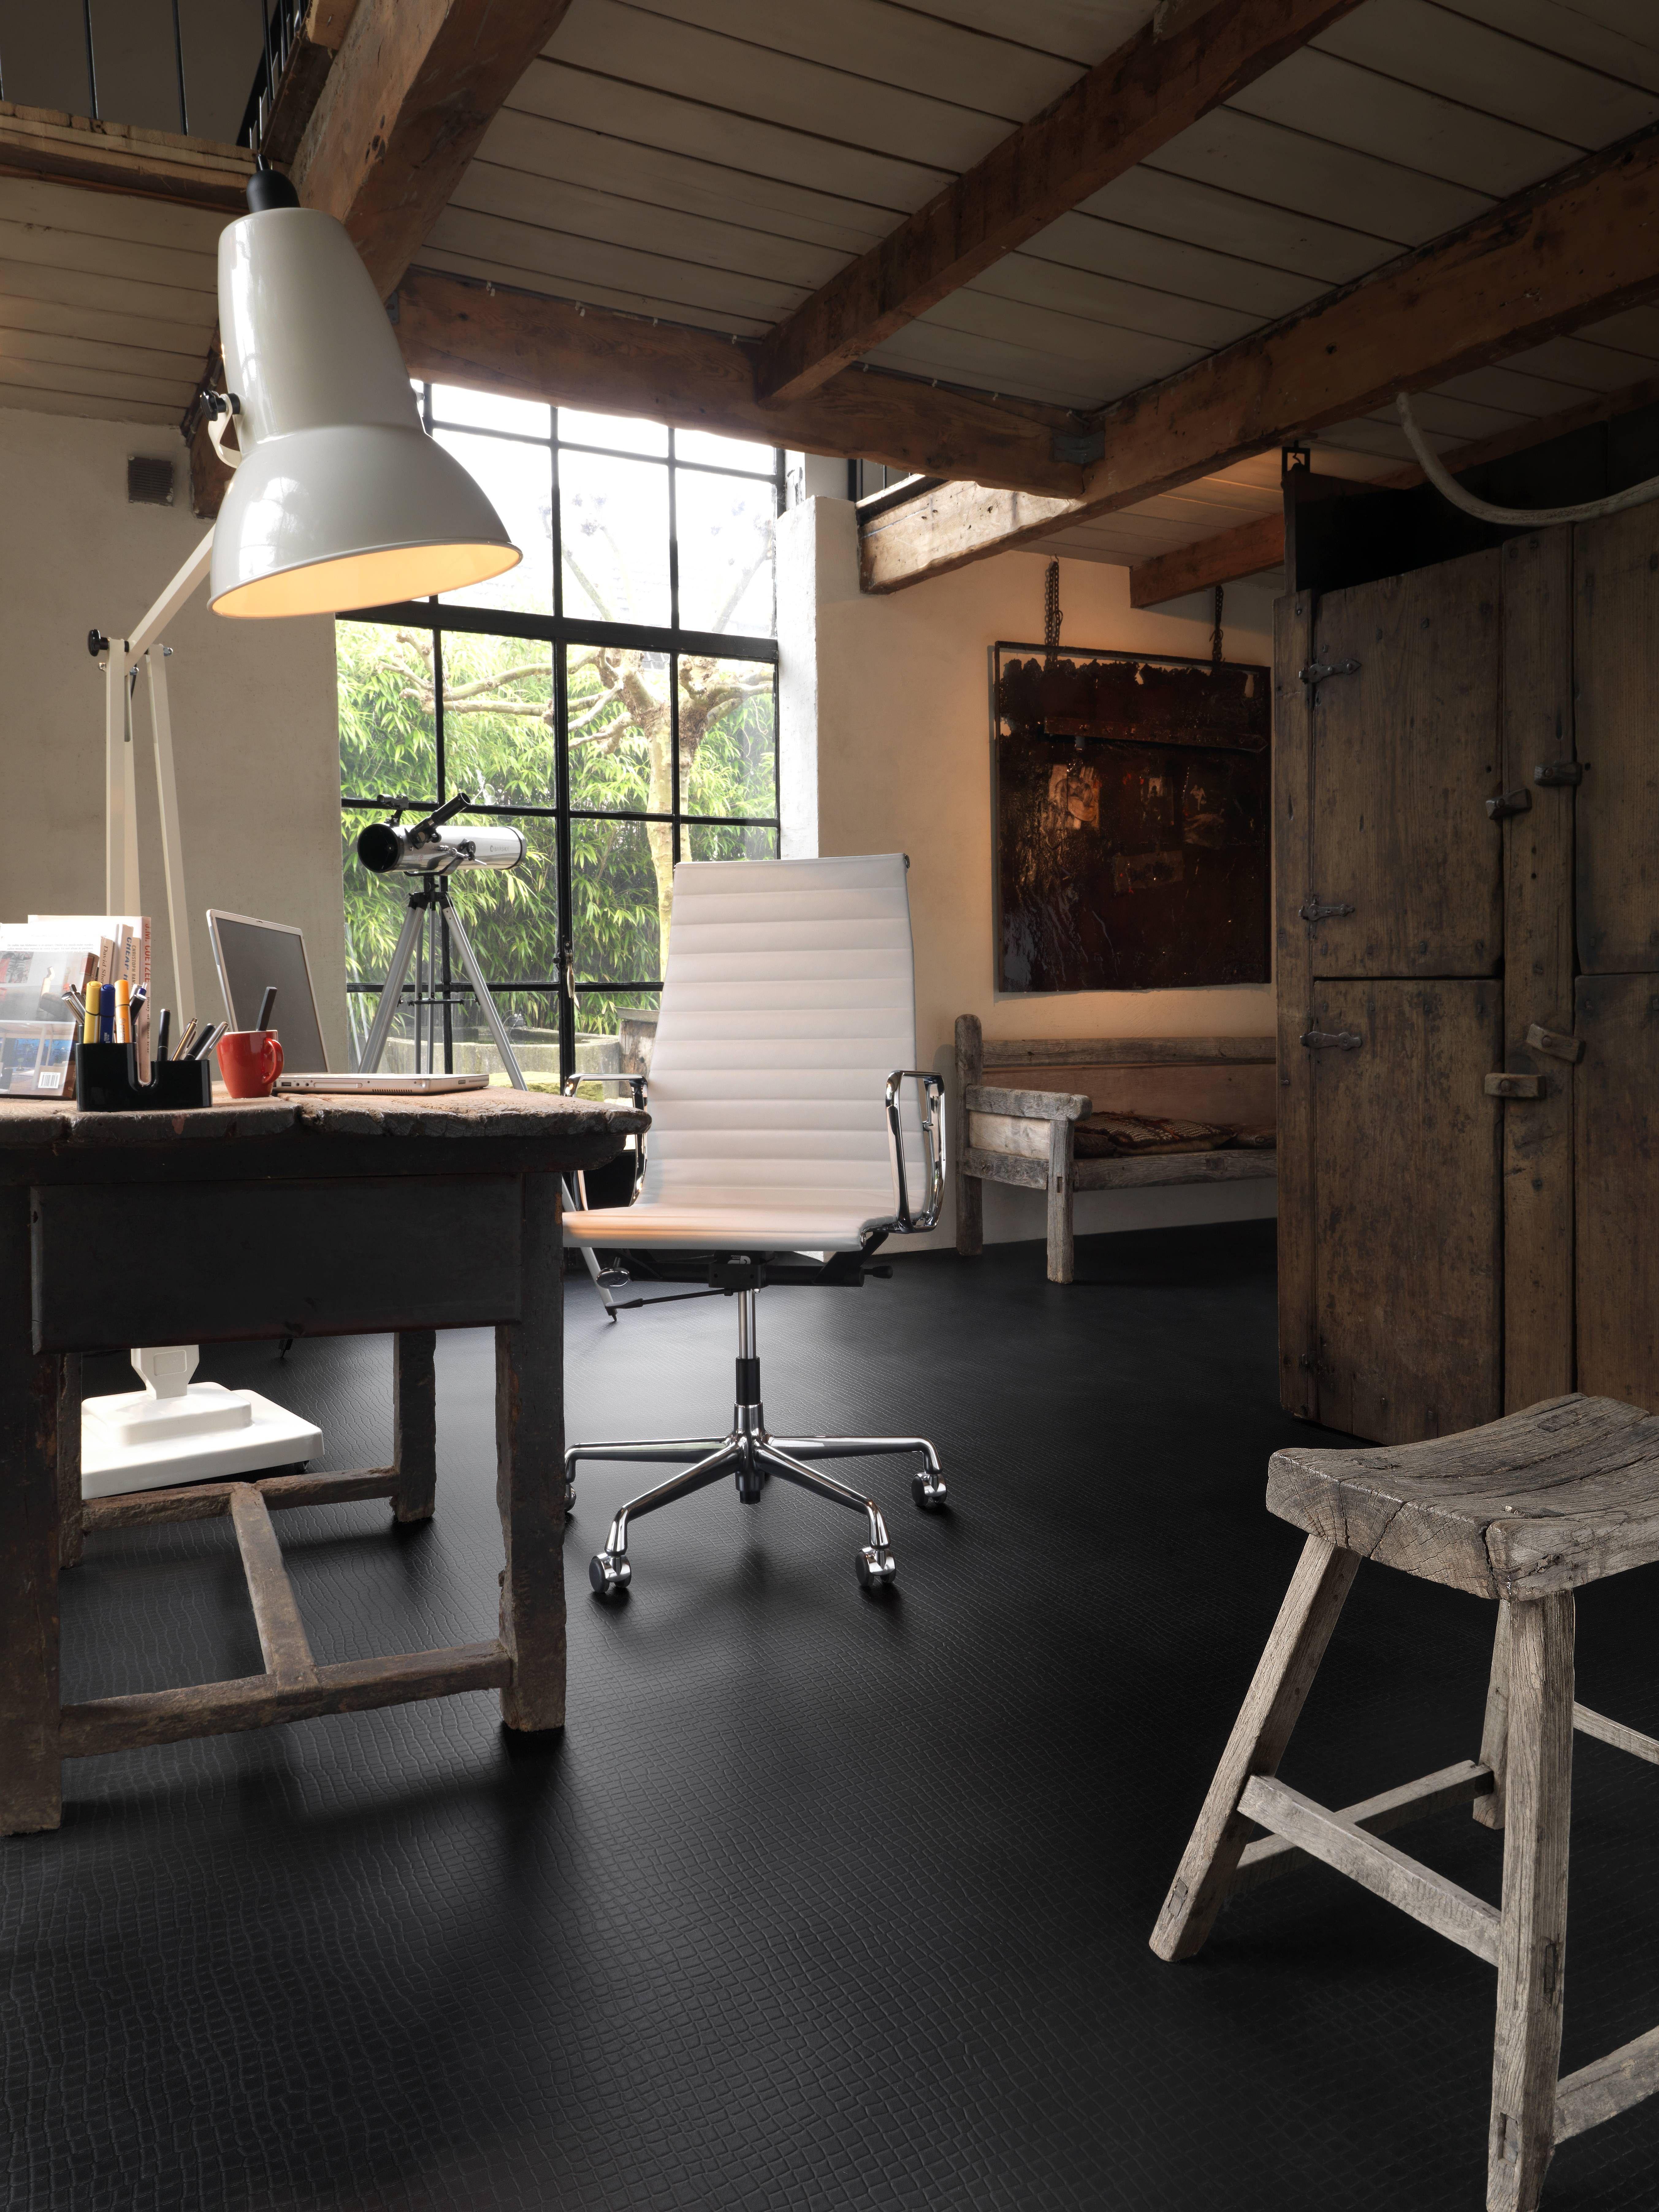 Forbo flooring, Marmoleum Styling, Wieteke Faaij